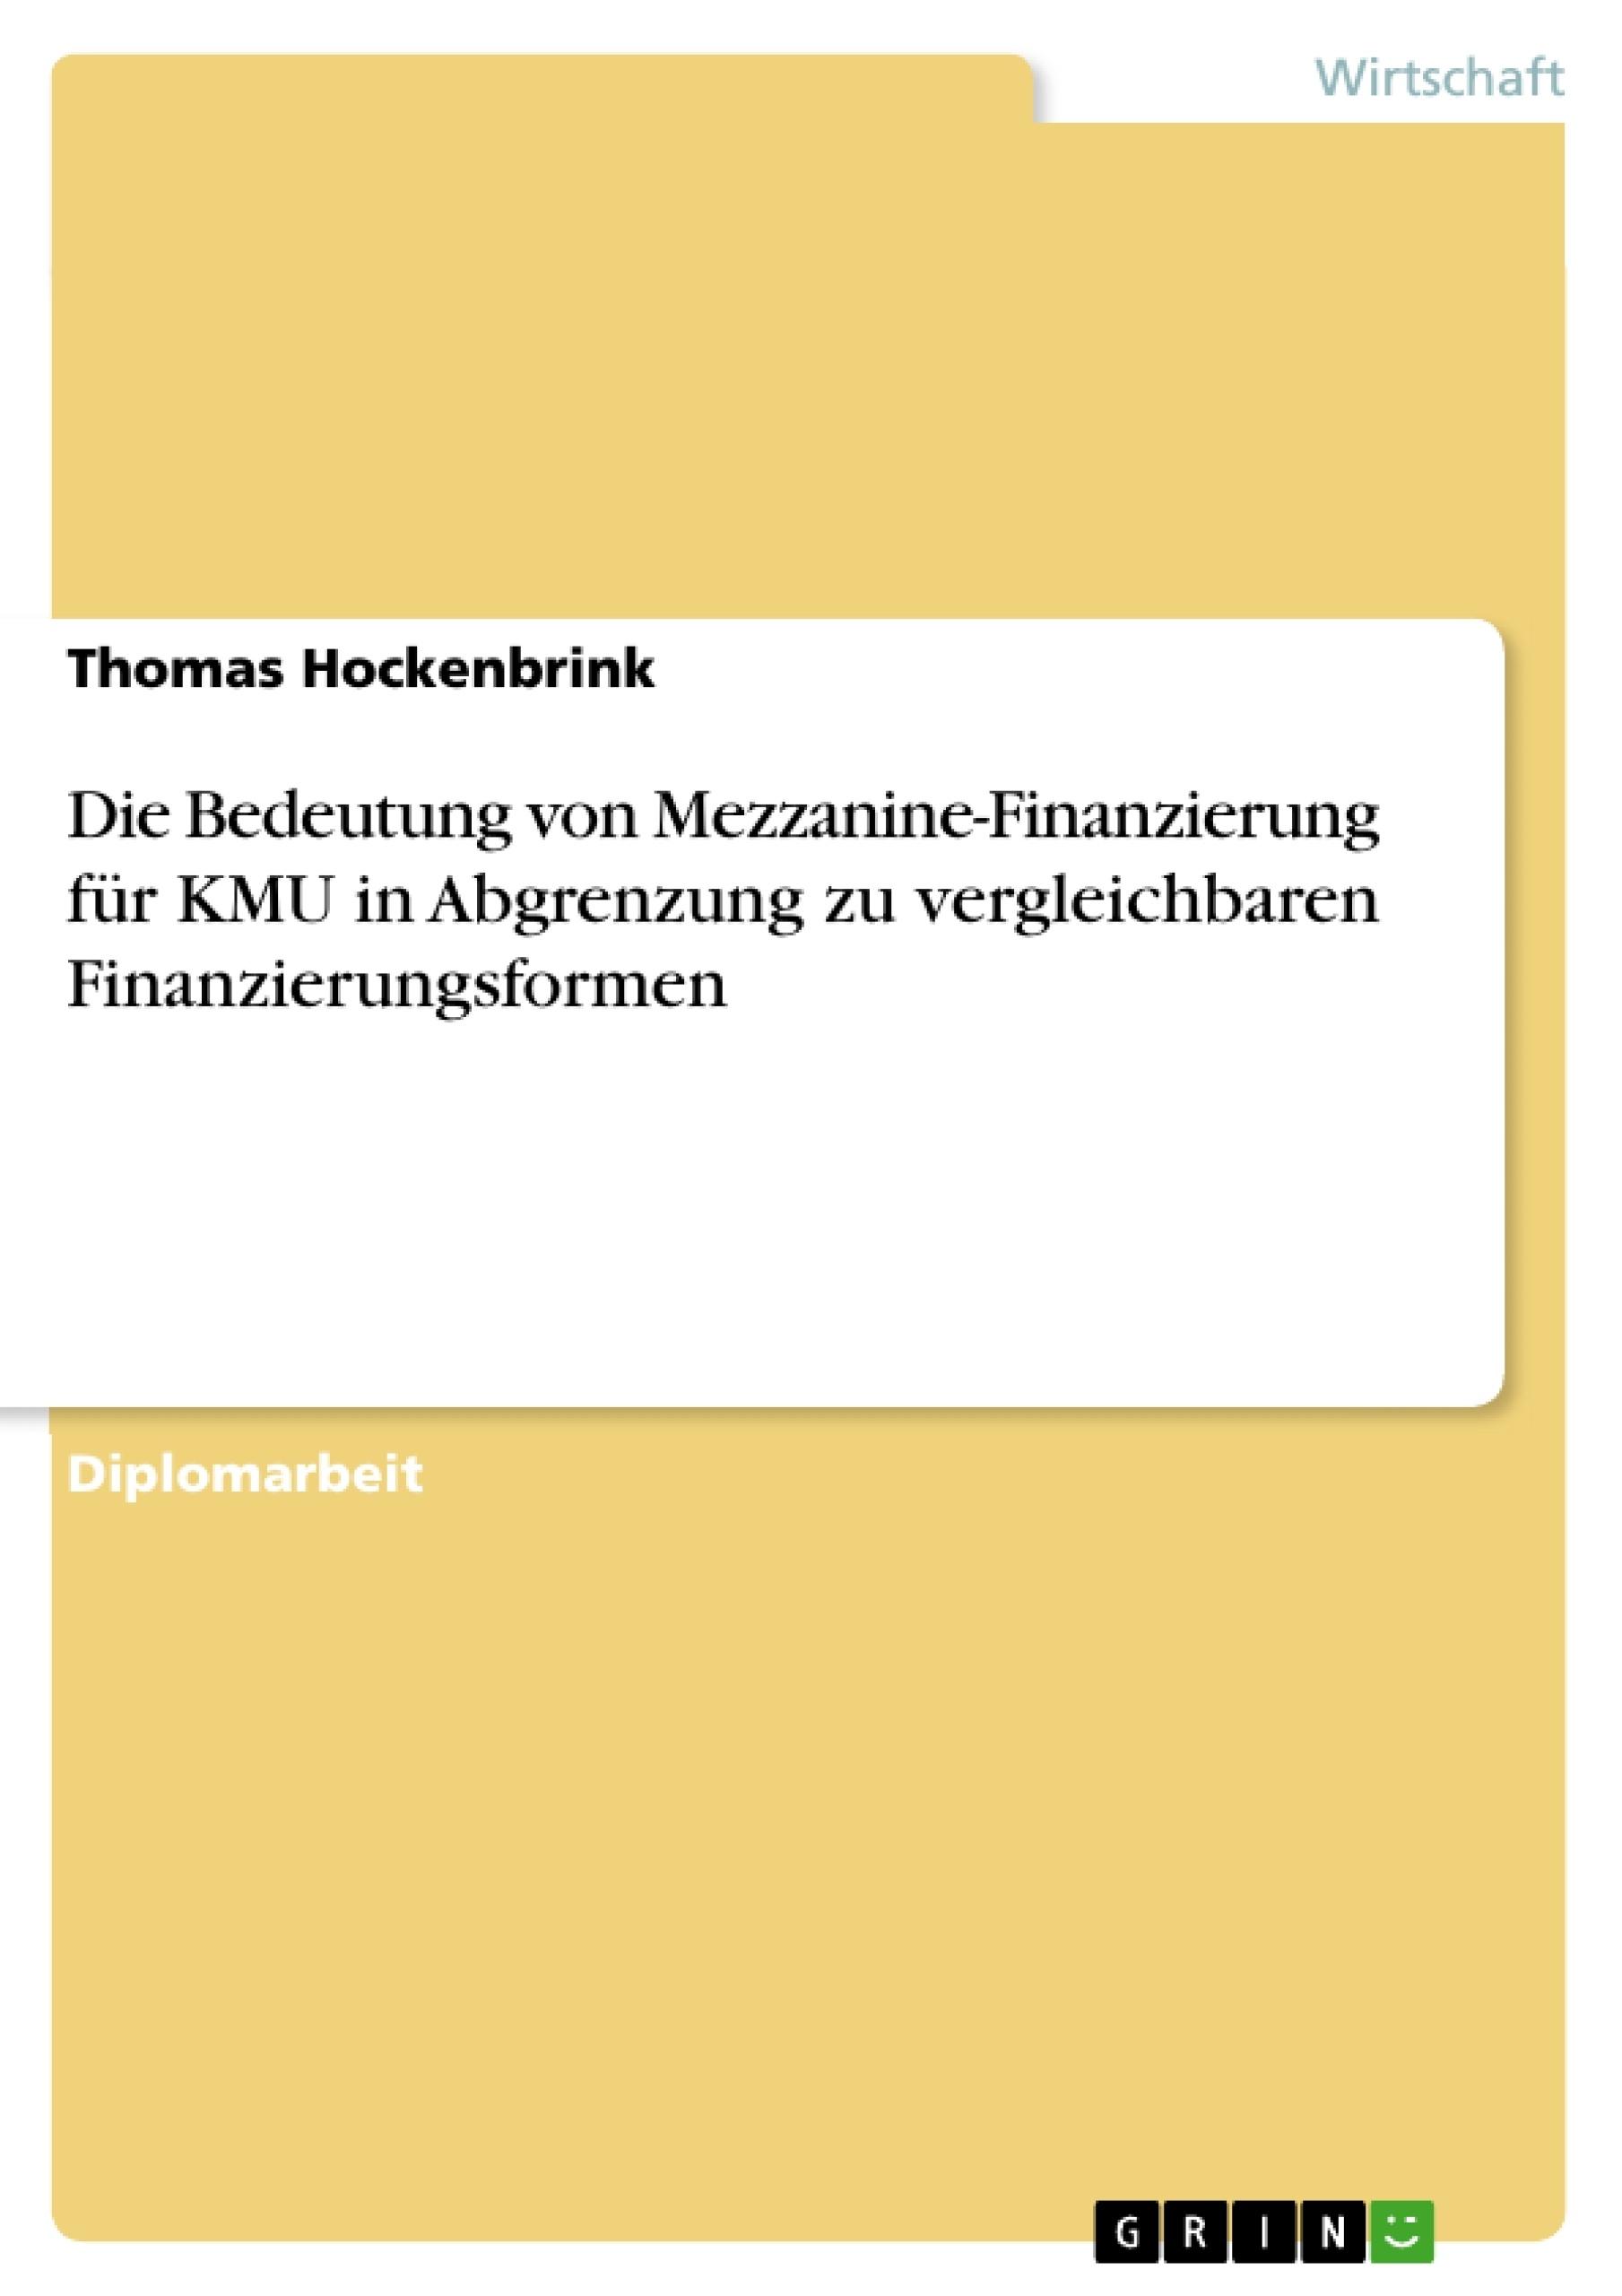 Titel: Die Bedeutung von Mezzanine-Finanzierung für KMU in Abgrenzung zu vergleichbaren Finanzierungsformen